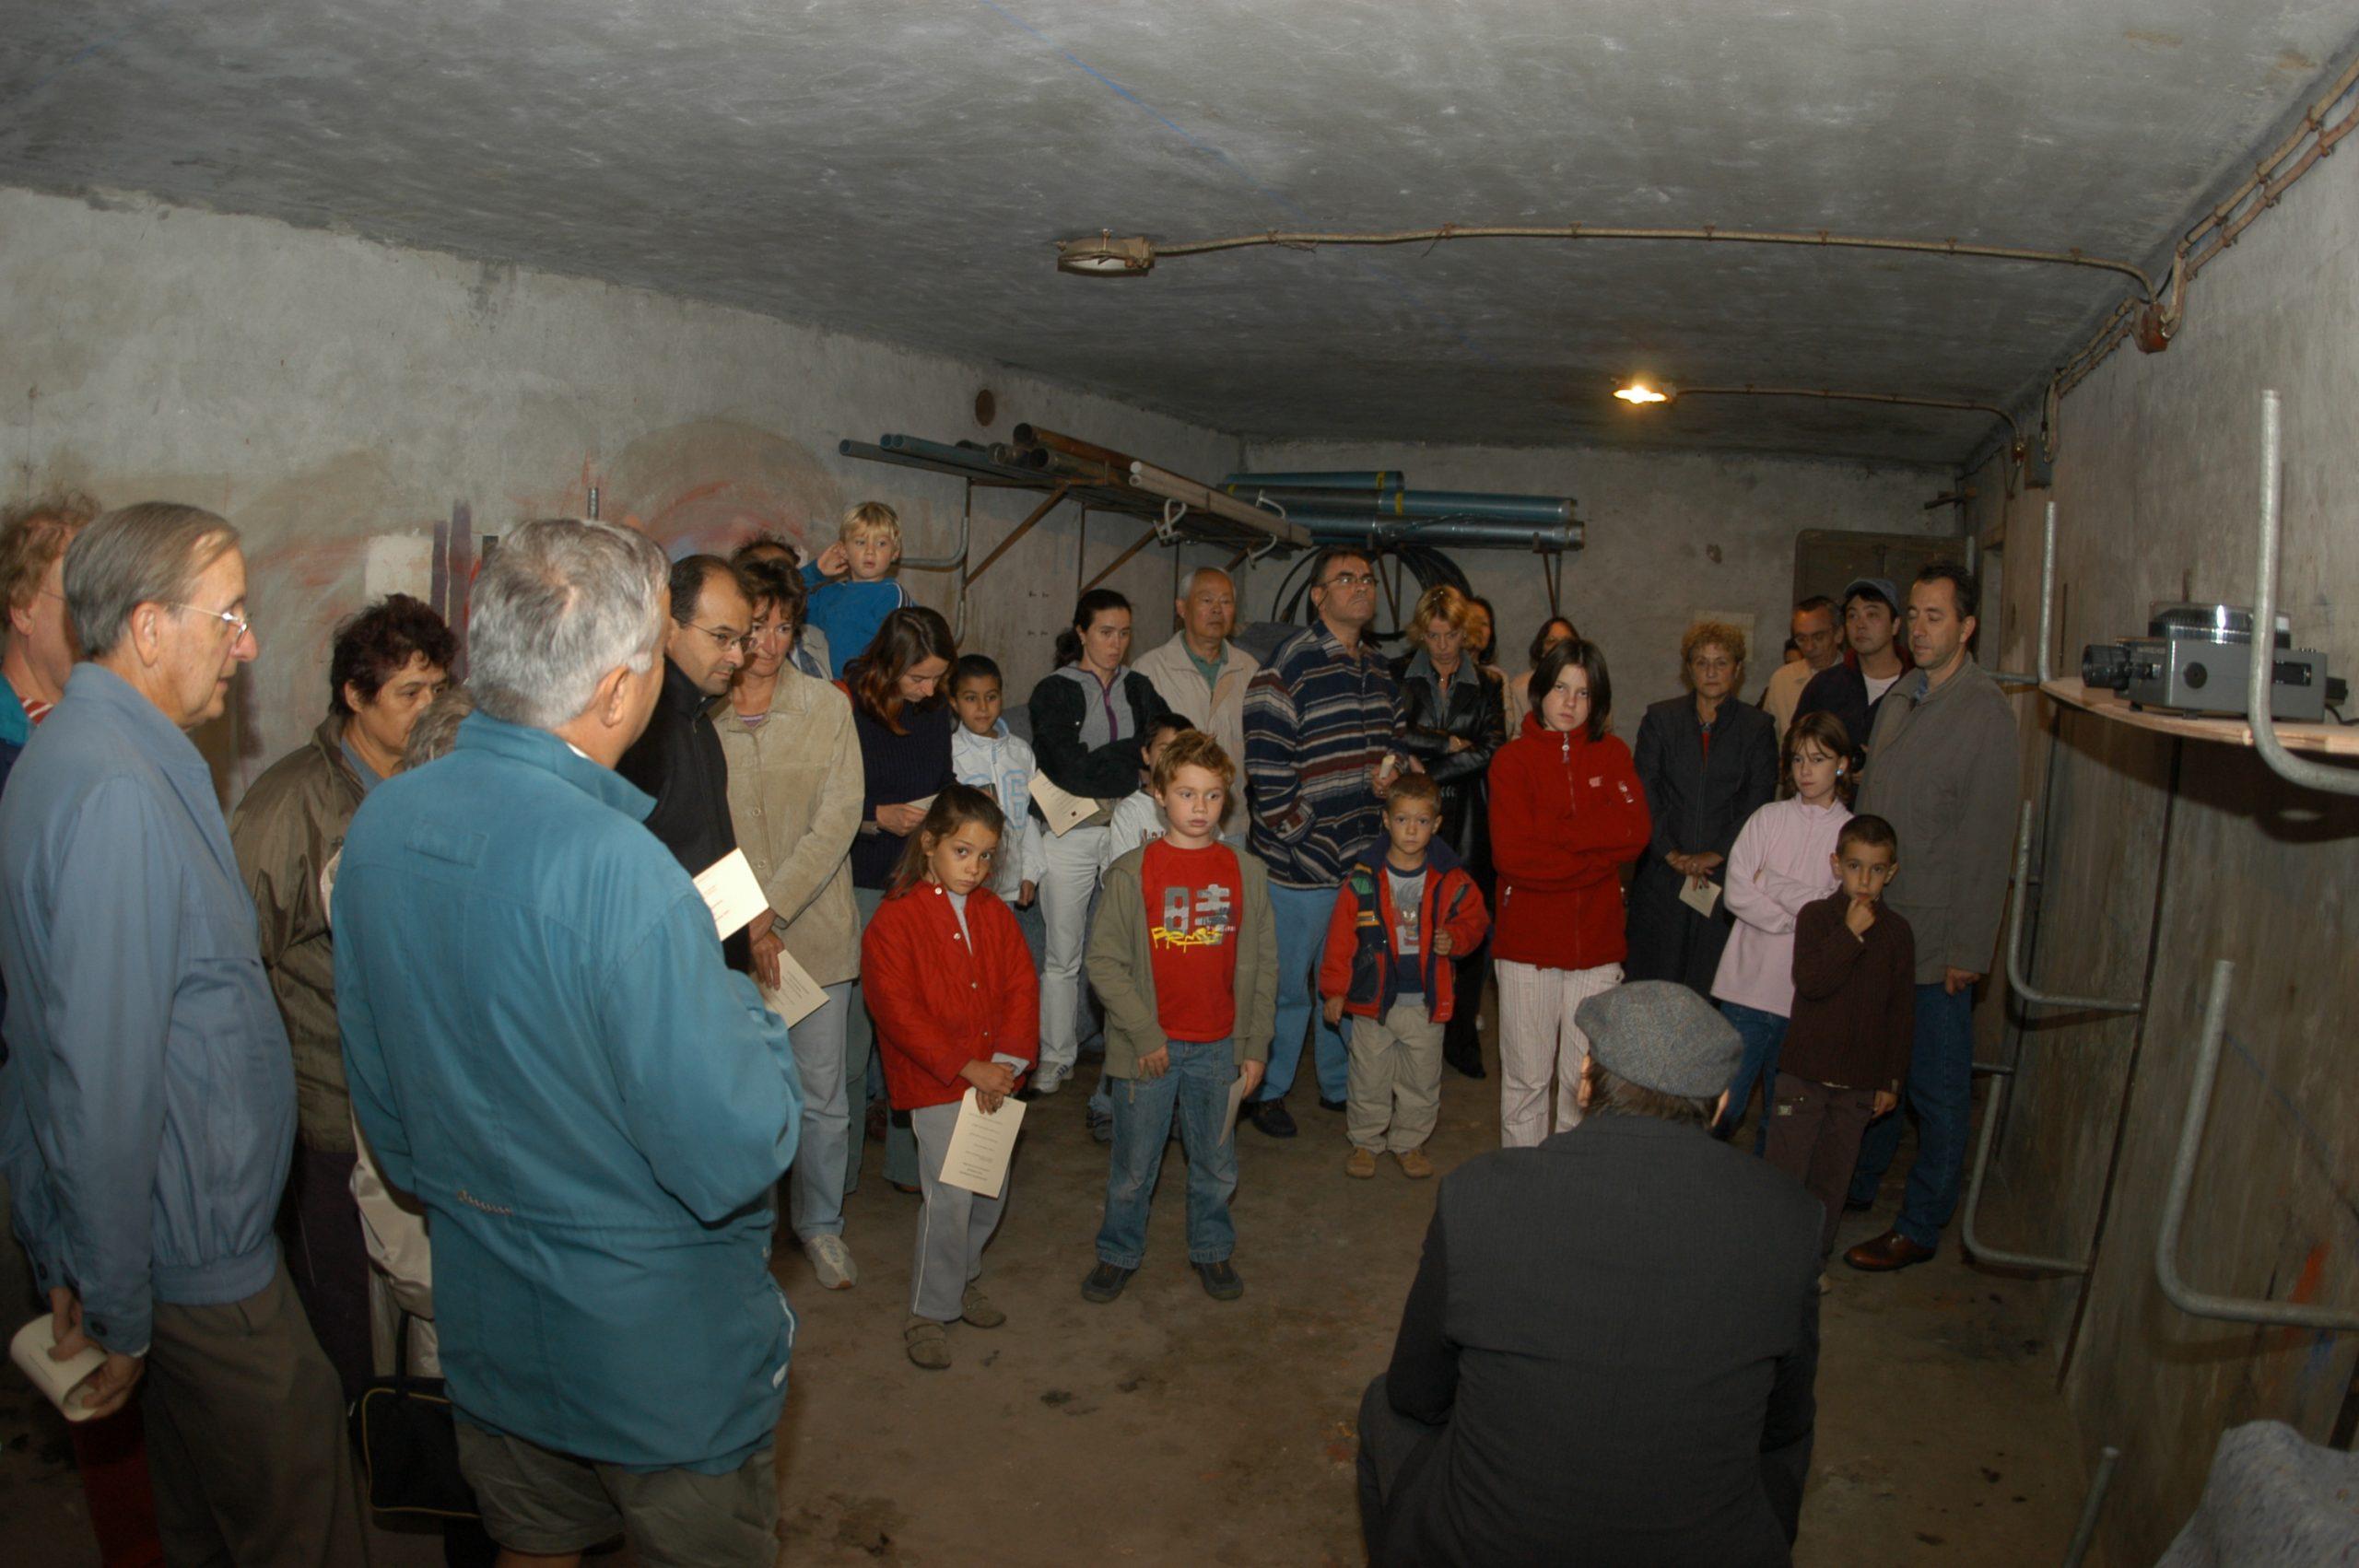 Visite dans un abri anti-aérien, Gennevilliers